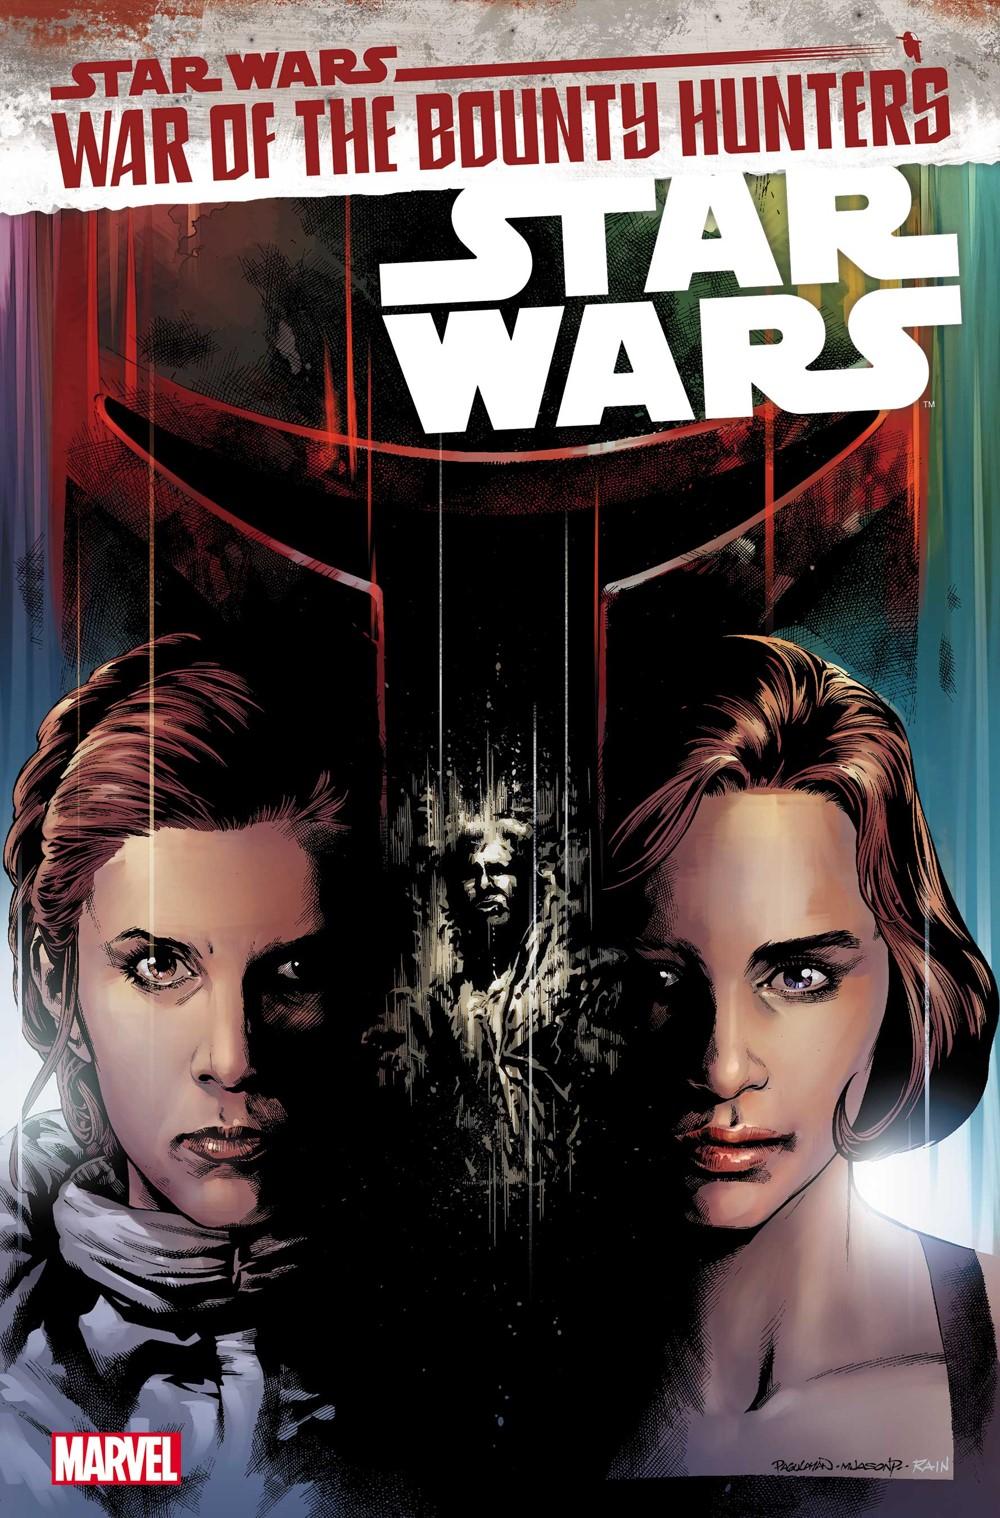 STARWARS018COVER_COL Marvel Comics October 2021 Solicitations